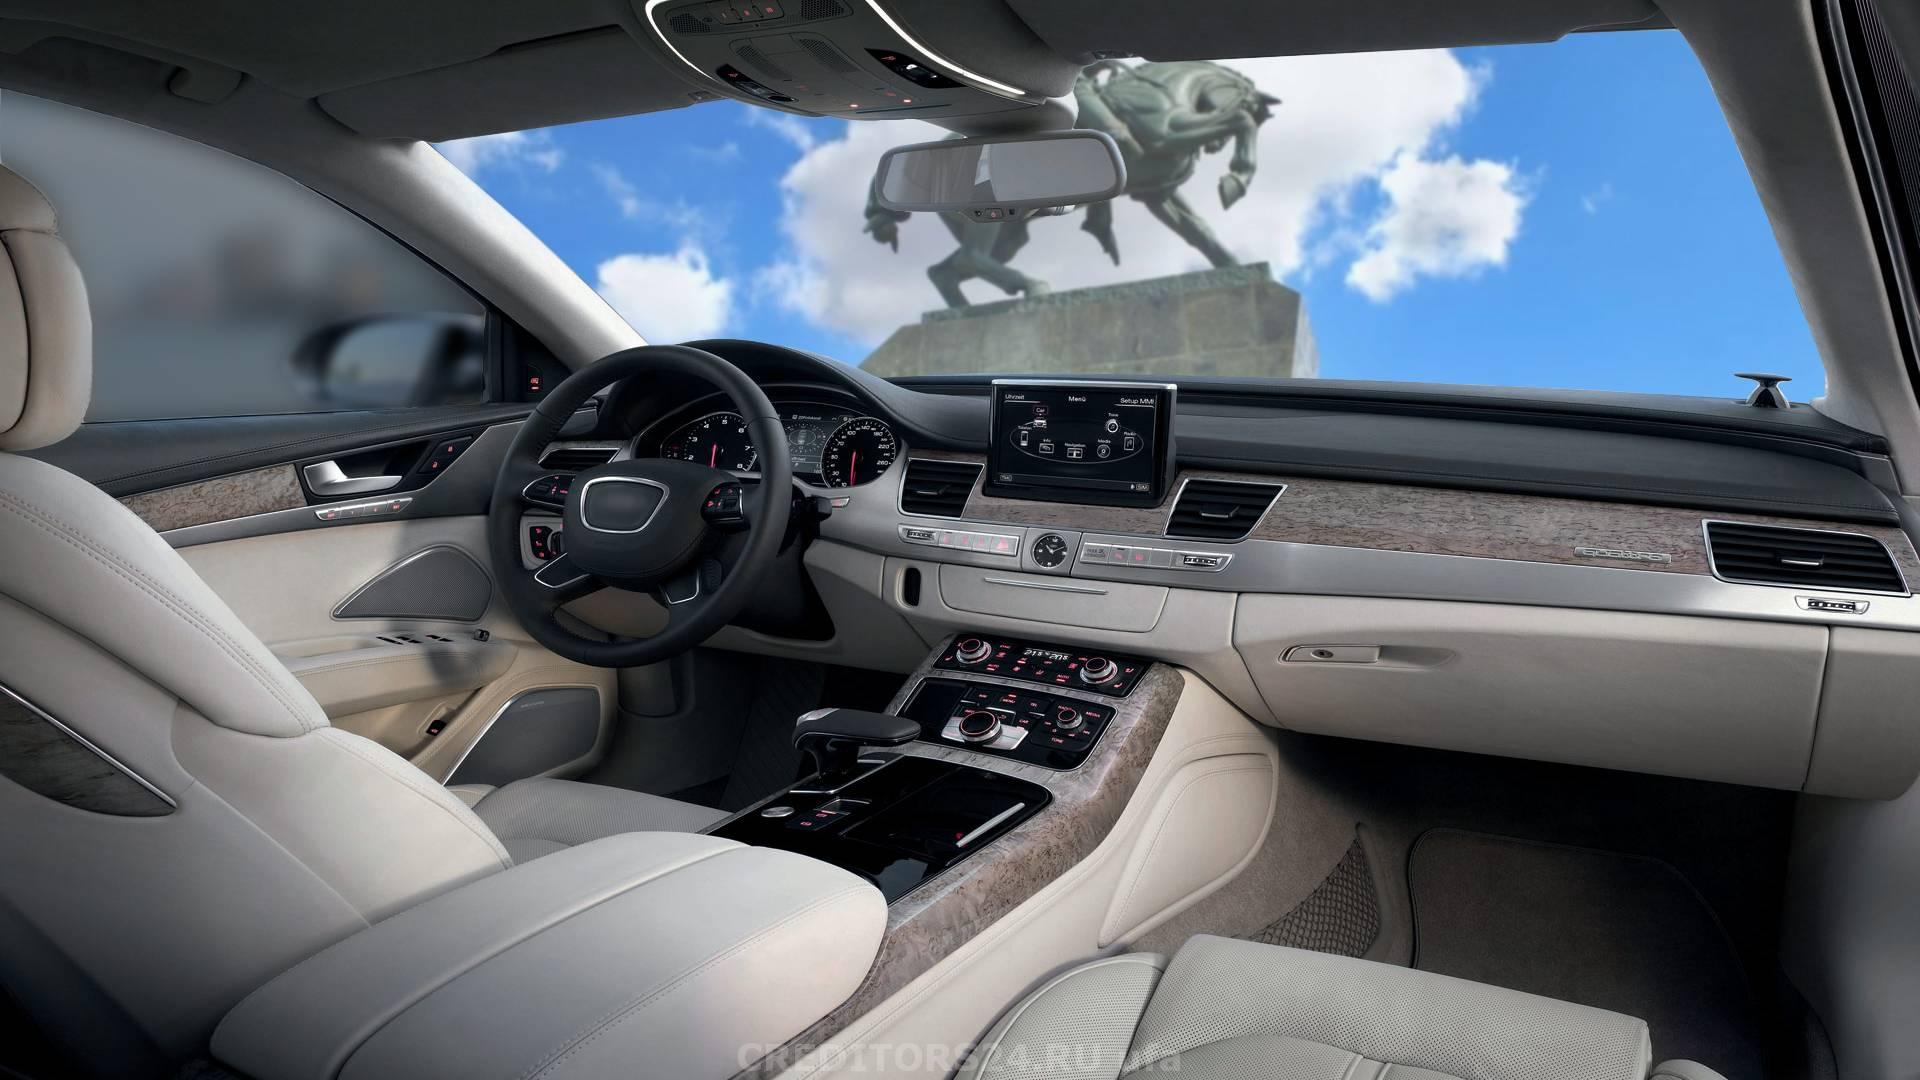 Уфа банки кредит под залог автомобиля автосалоны в москве по продаже легковых автомобилей